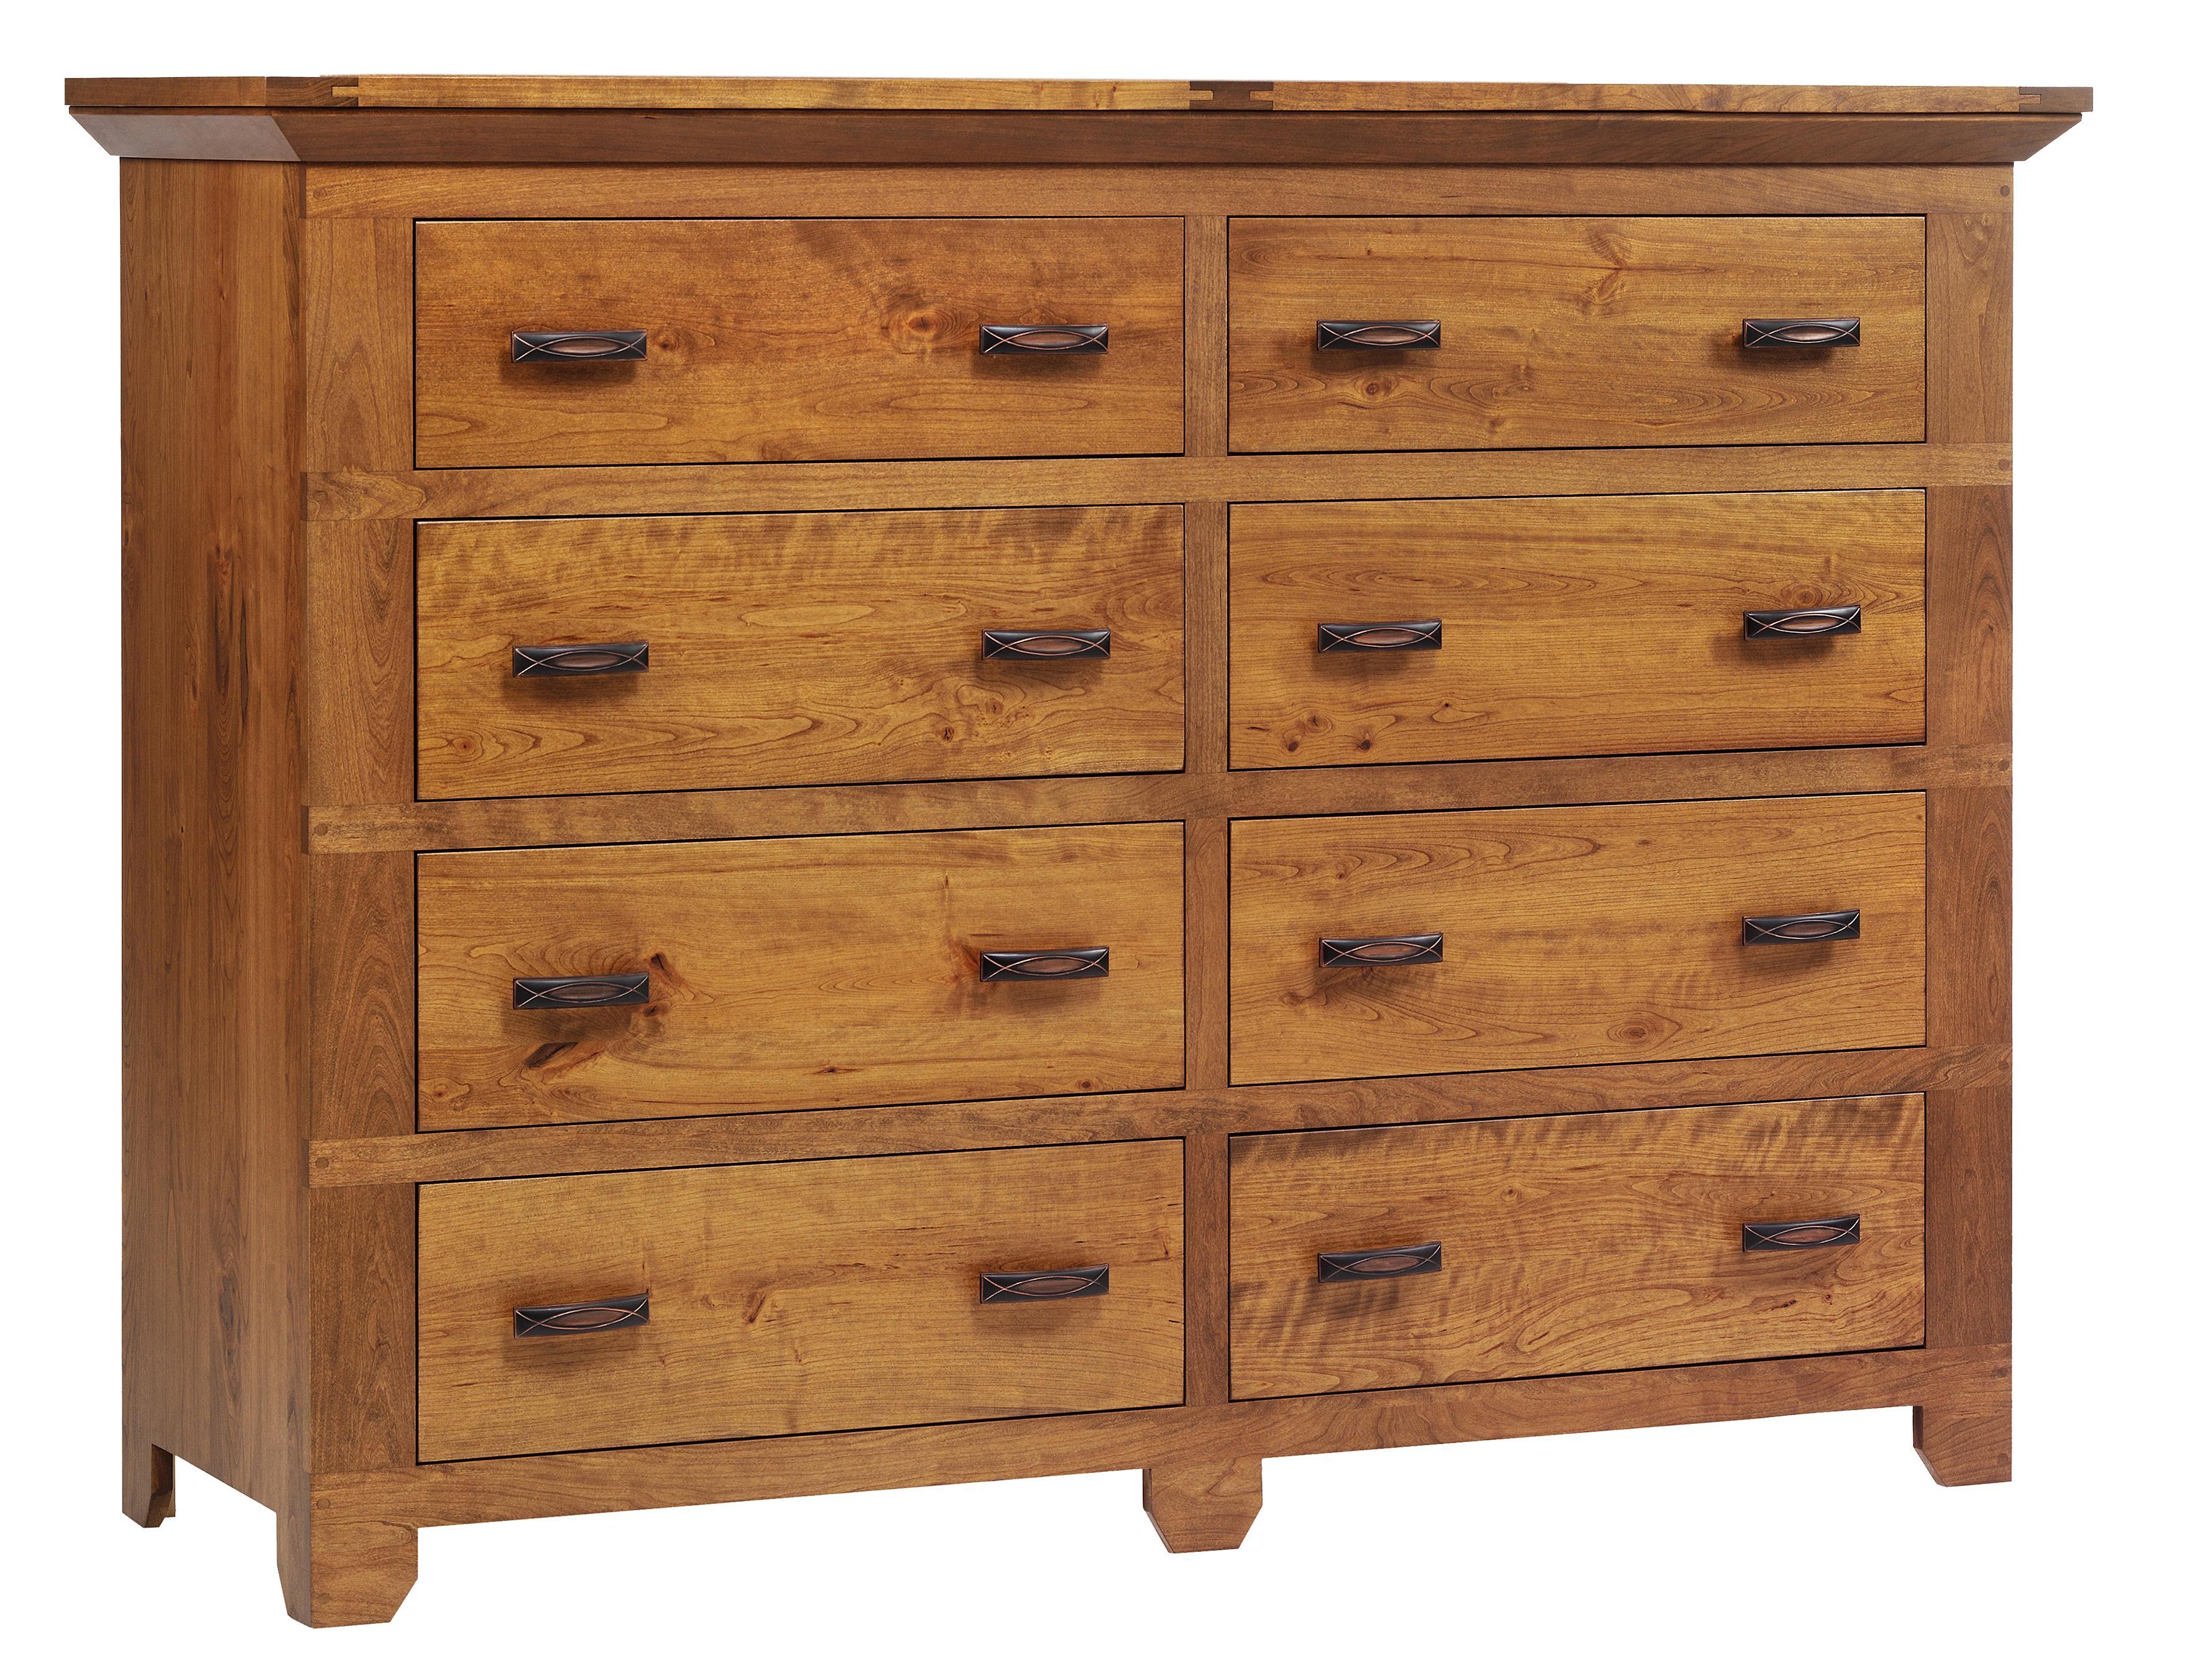 Redmond Wellington High Dresser by Millcraft at Saugerties Furniture Mart